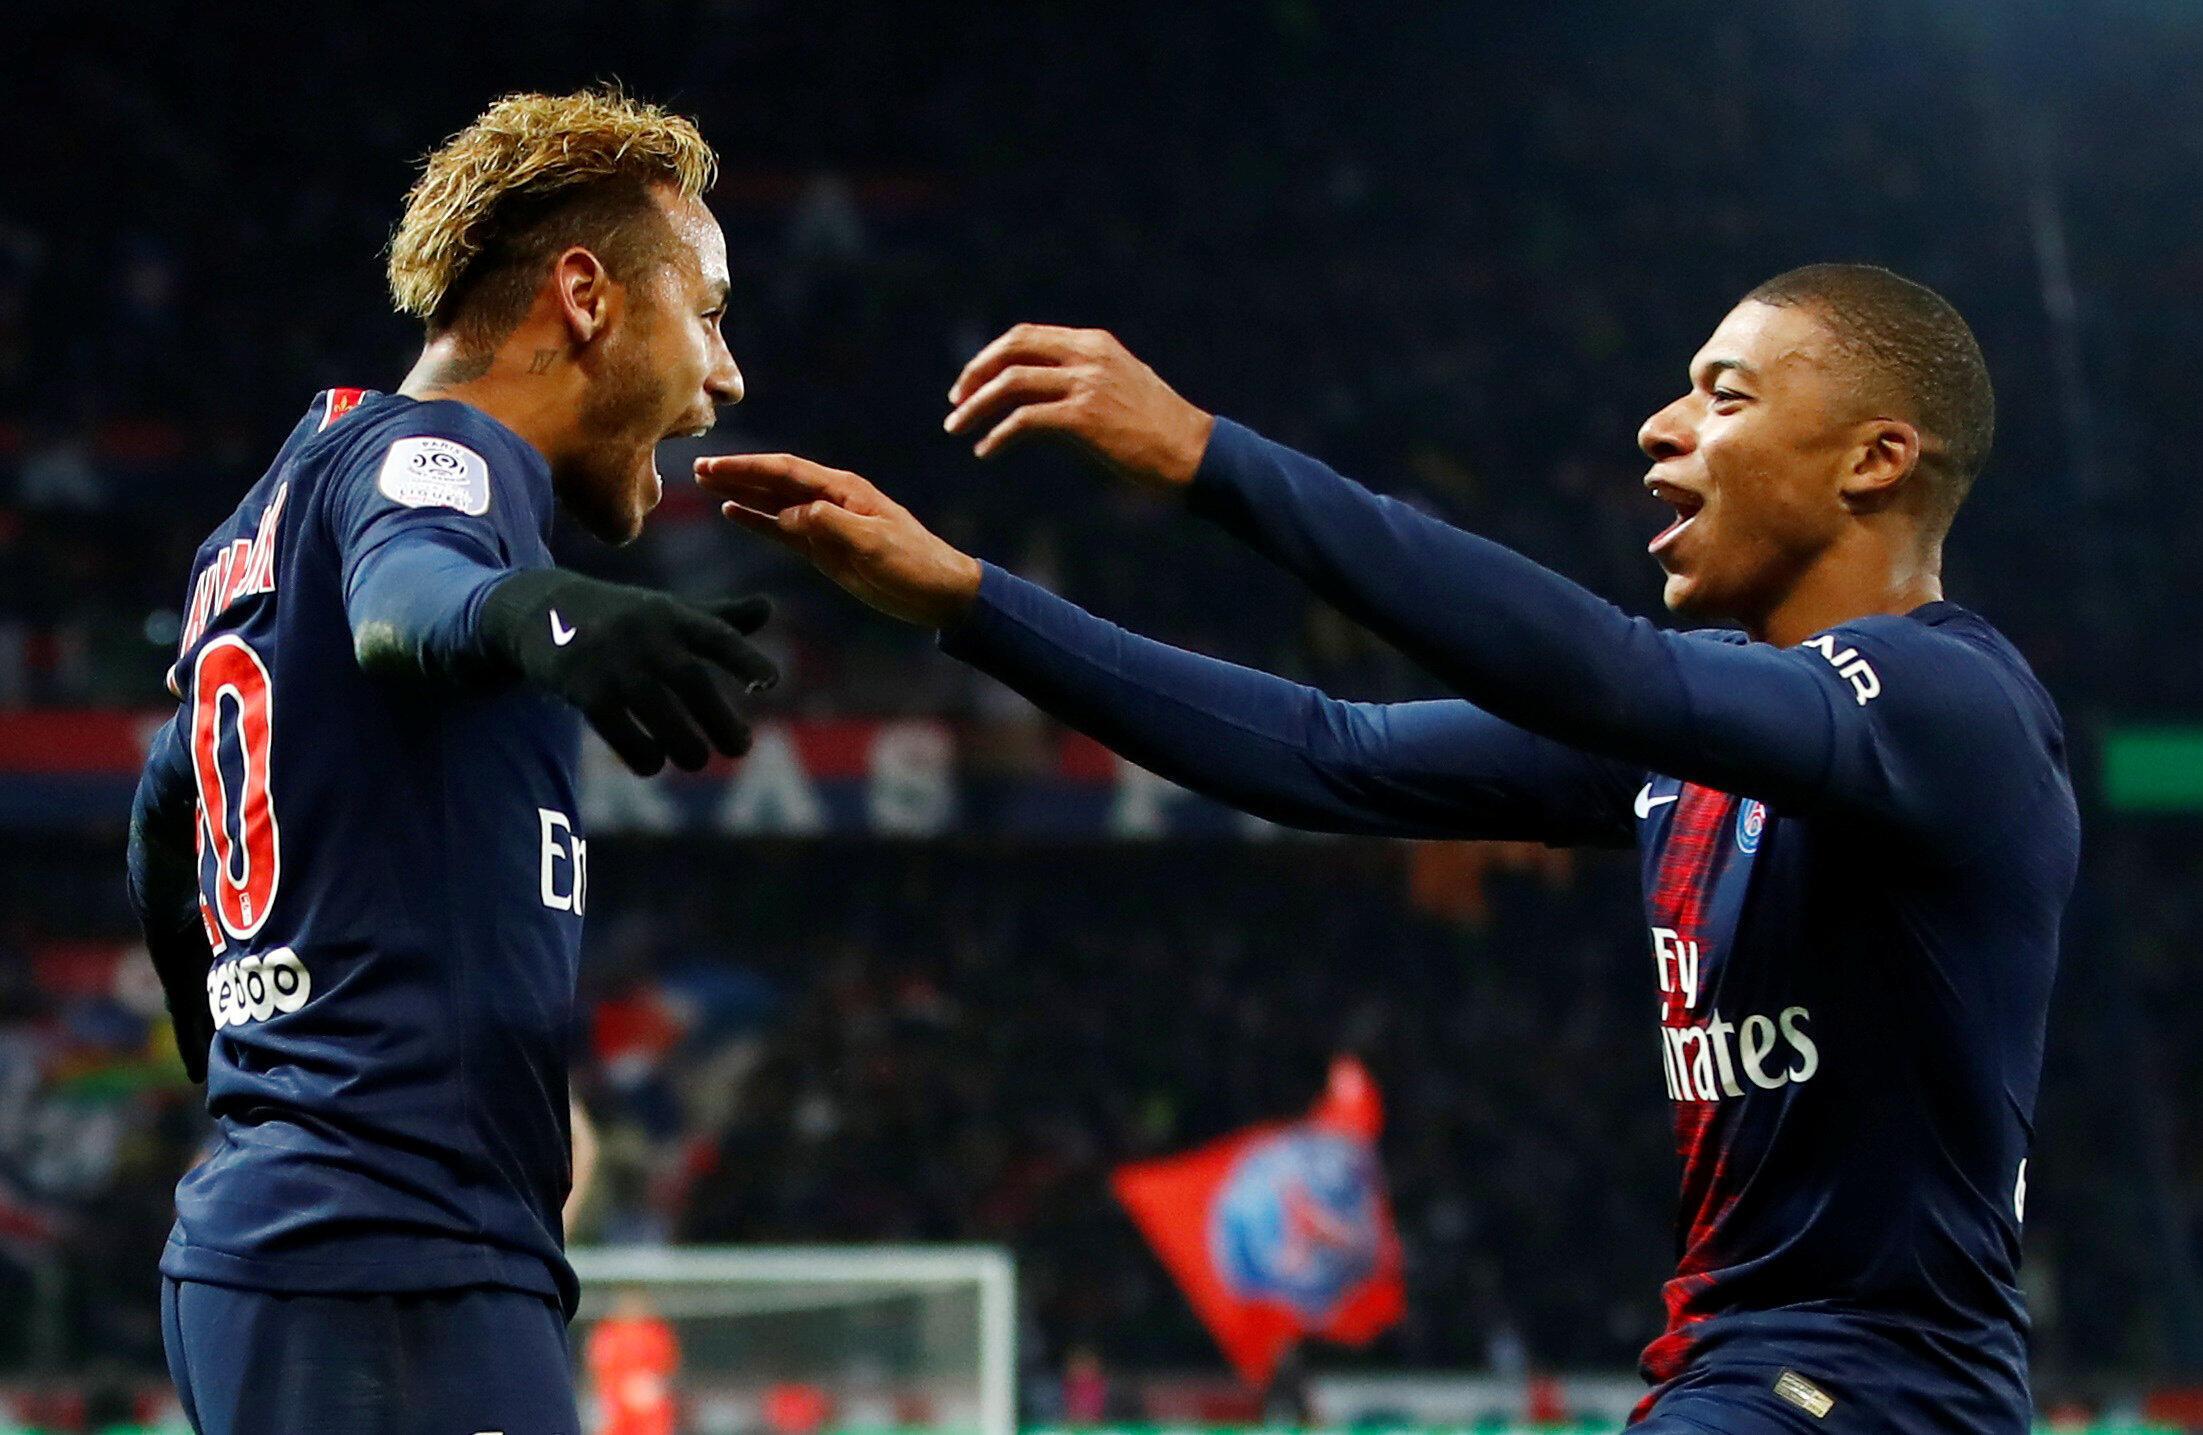 Neymar (esquerda), avançado brasileiro do PSG, e Kylian Mbappé (direita), avançado francês do PSG, festejam o 12° triunfo dos parisienses.